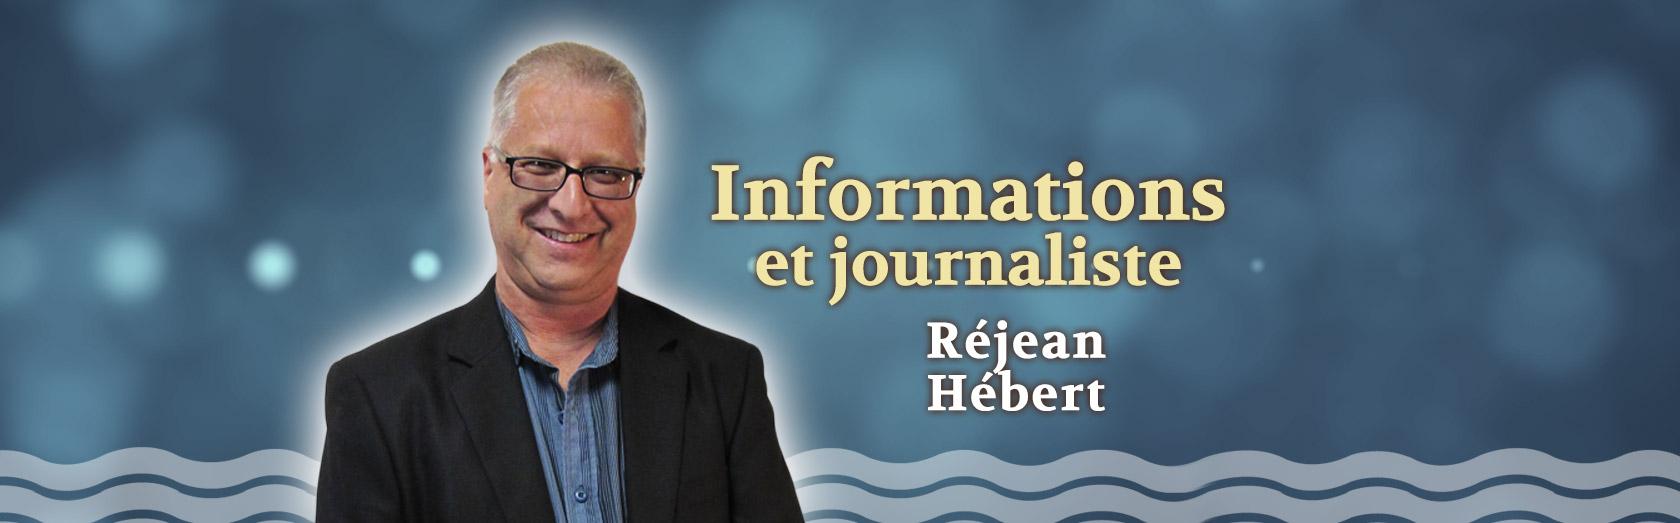 Informations et journaliste Réjean Hébert